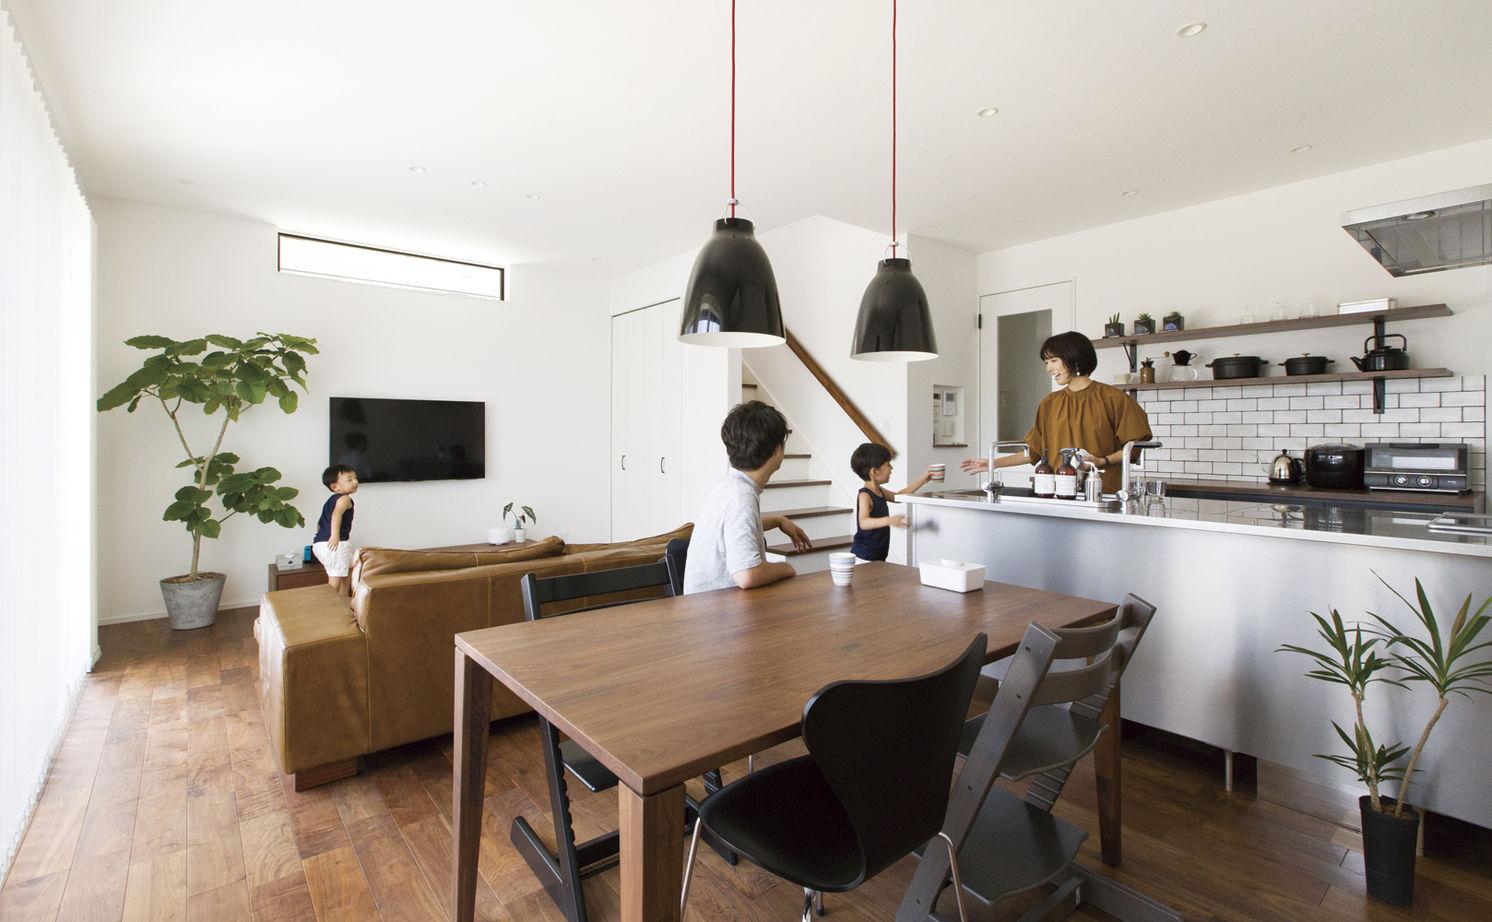 【ナチュラル×シンプルモダン※間取図あり】デザイン&価格を両立。シンプルで豊かに暮らせる家が1800万円画像1